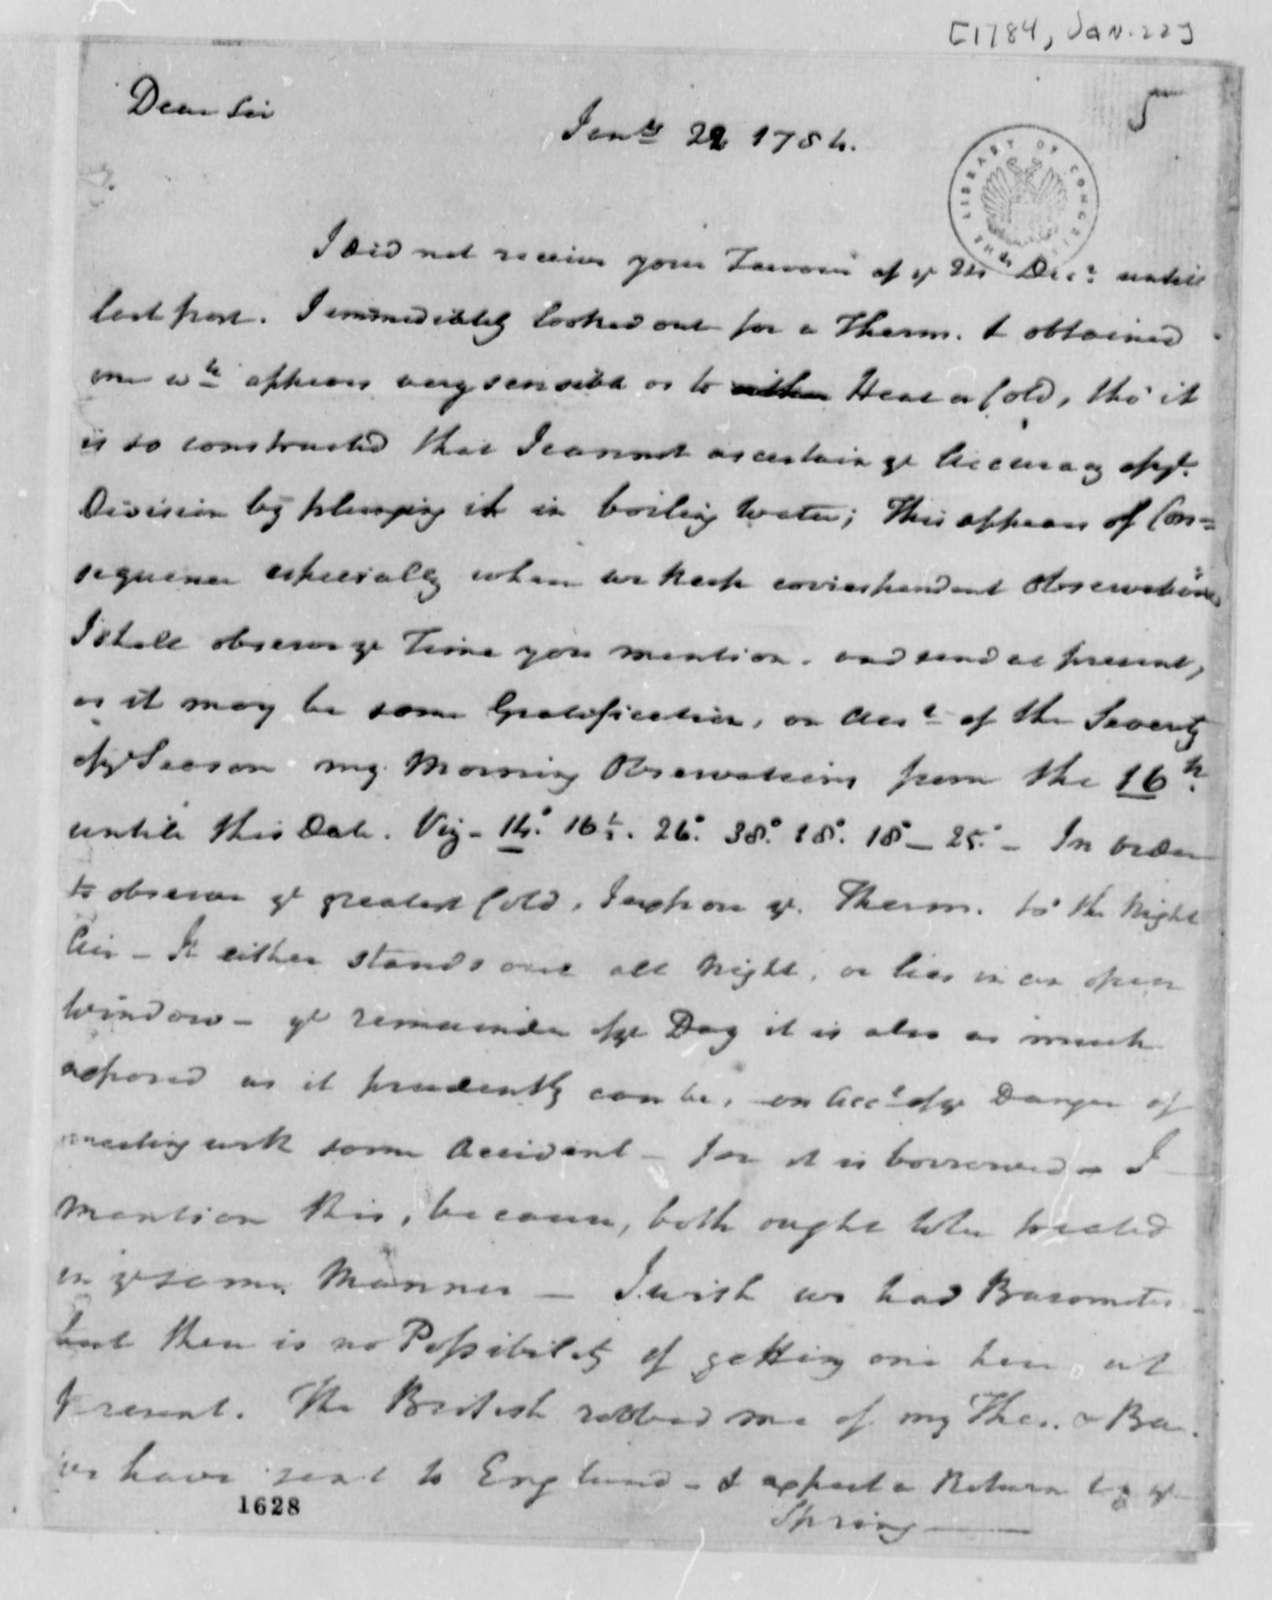 Reverend James Madison to Thomas Jefferson, January 22, 1784